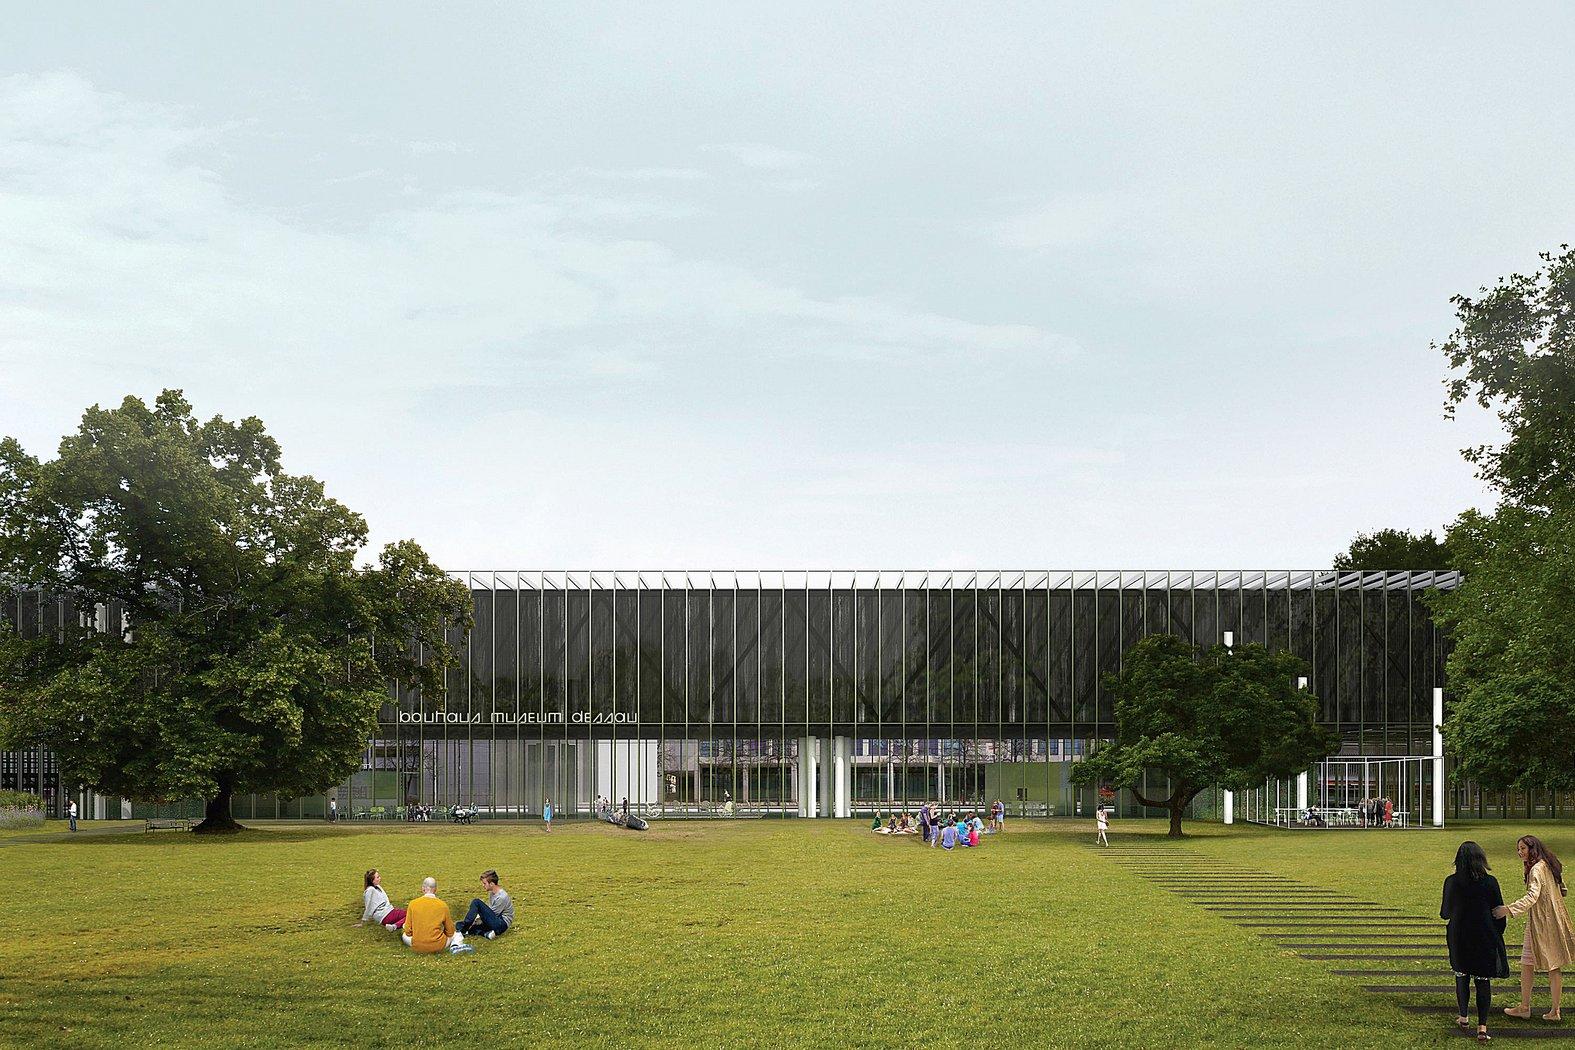 Bauhaus Museum Dessau, vista dal parco cittadino (courtesy of BMD Foundation)